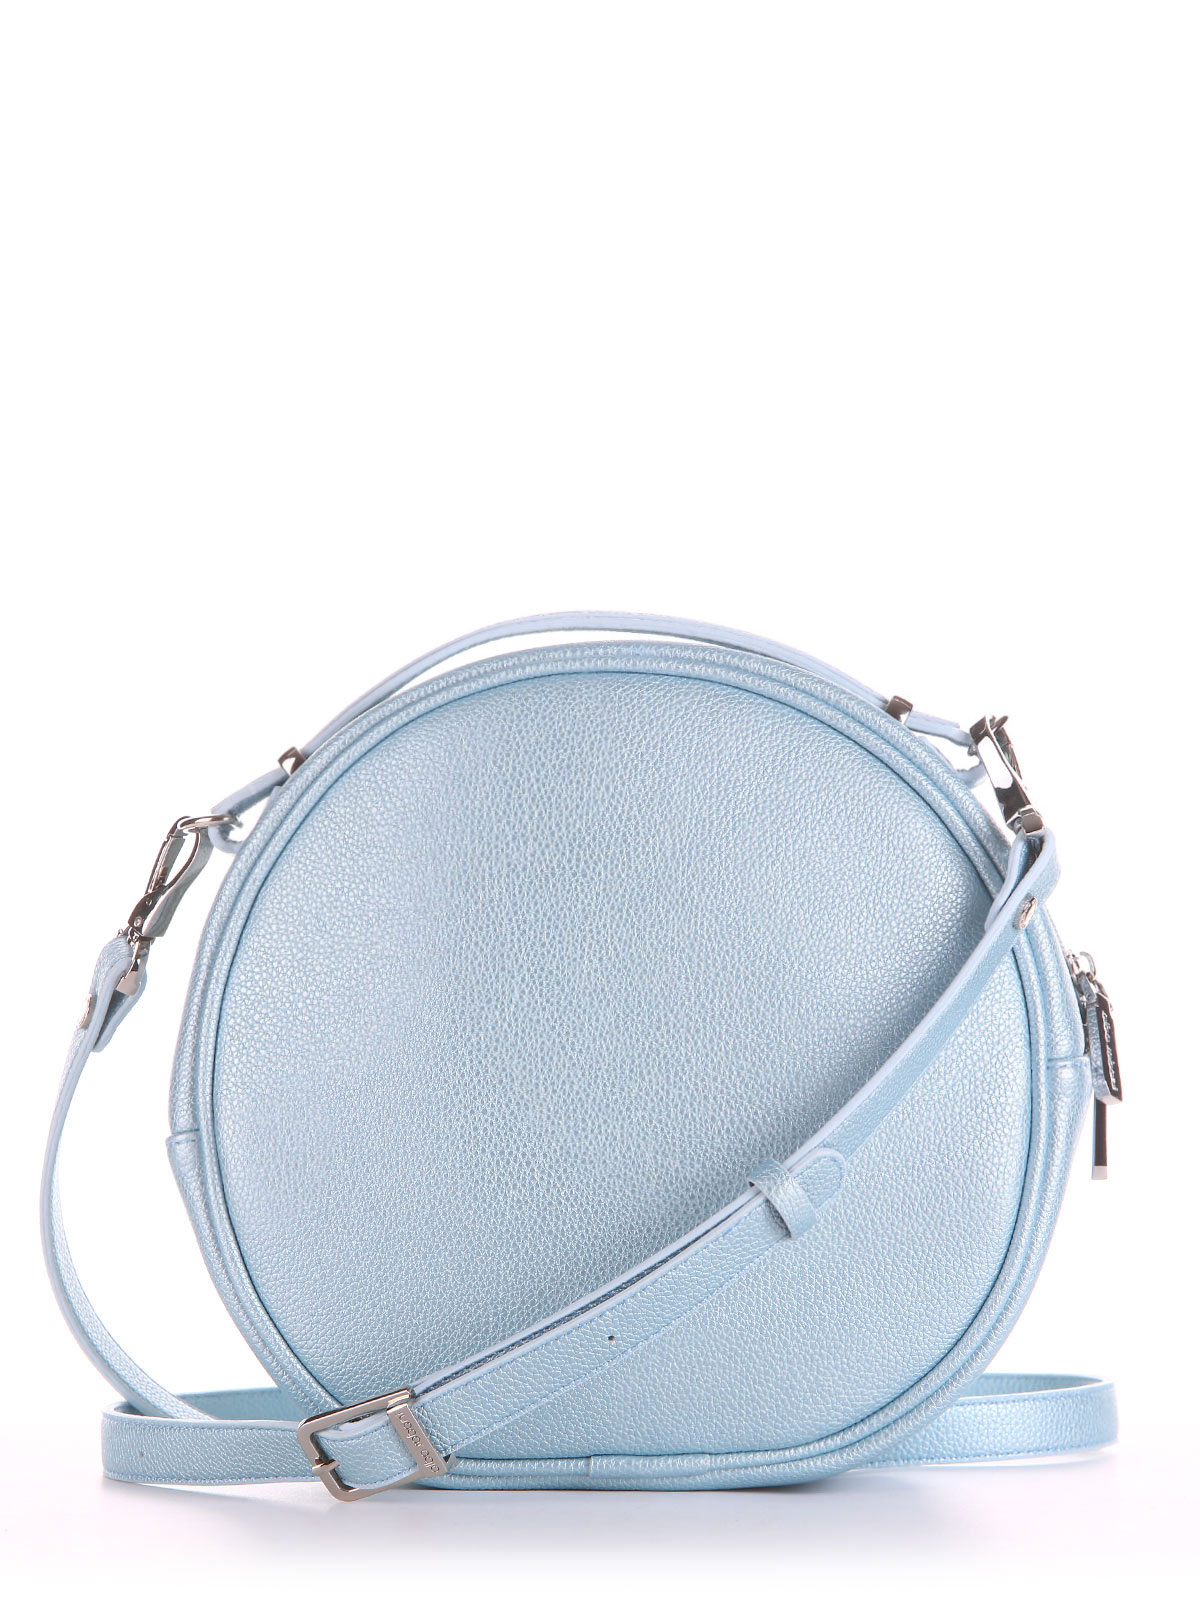 ed00bf6b5f63 Фото товара, вид сбоку Брендовая сумка через плечо, модель 190165 голубой-перламутр.  Фото товара, вид сзади